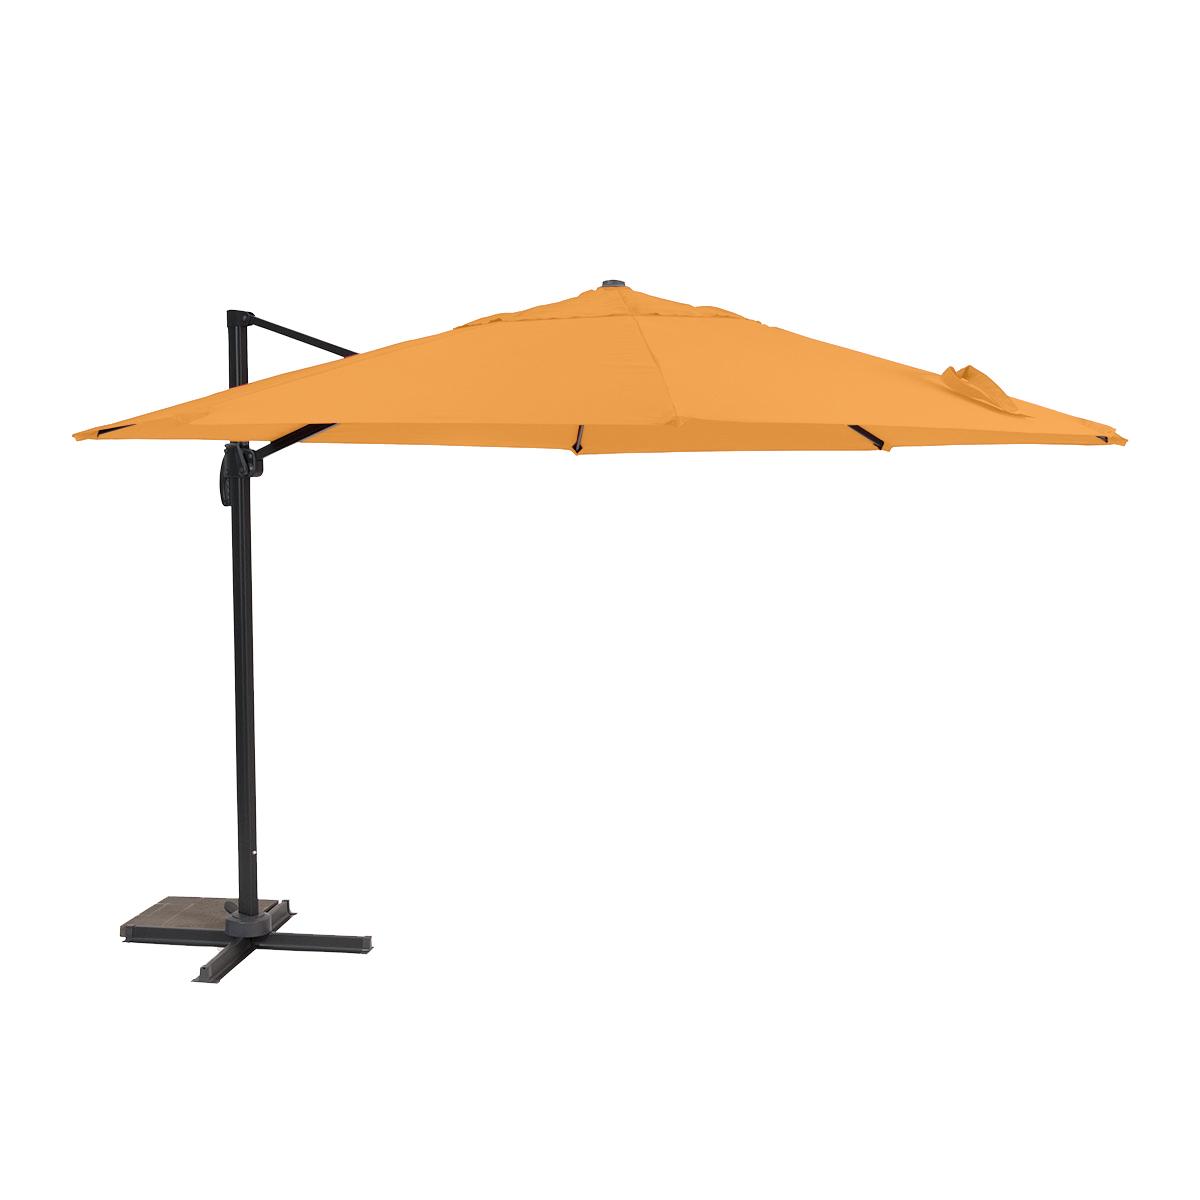 Creador Roma boční slunečník 3,5 m (oranžový)